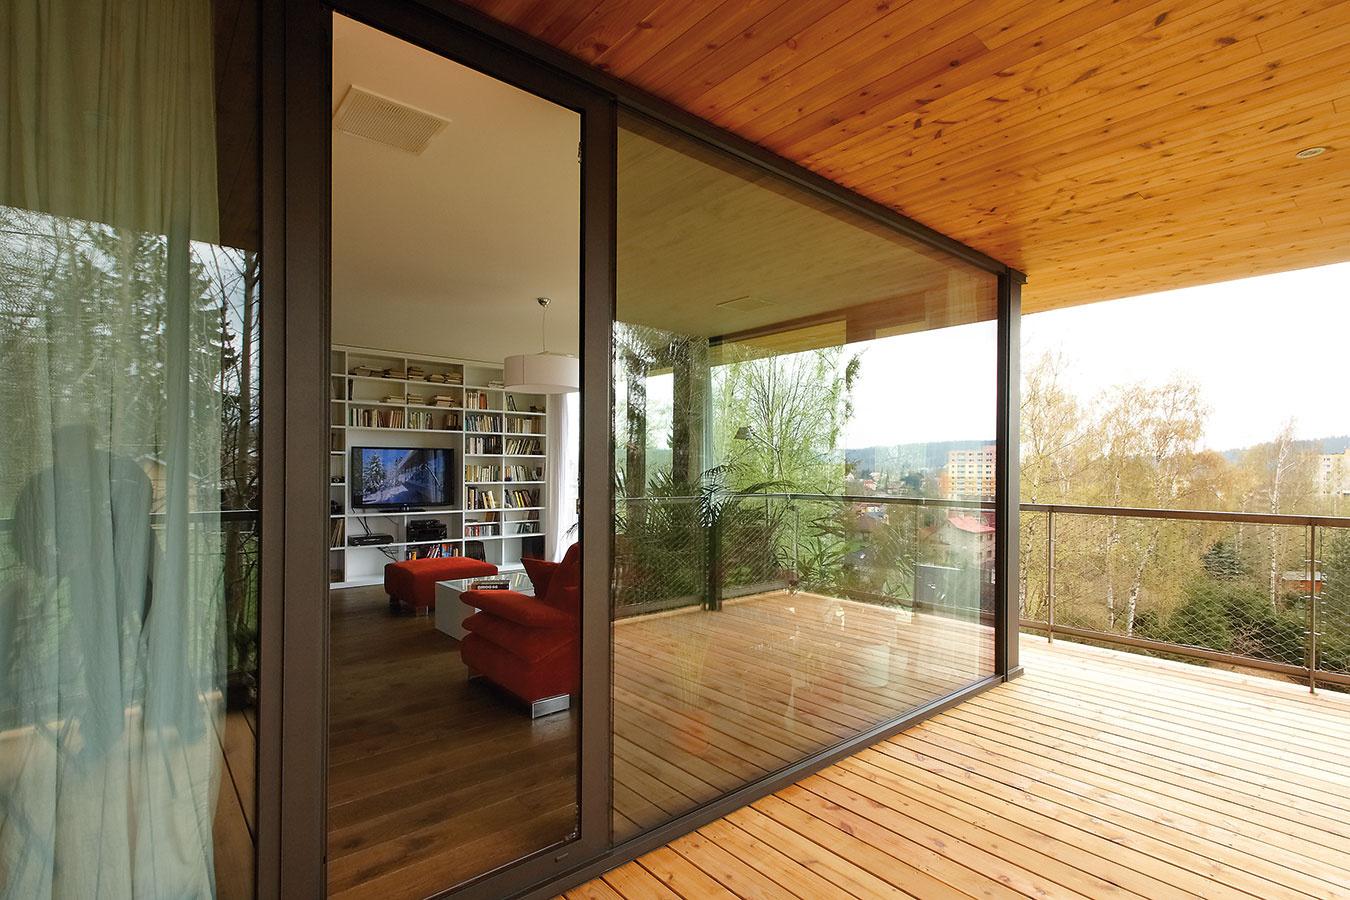 Obývacia izba plynule prechádza do terasy. Veľké sklené dvere, ktoré sa tiahnu až po strop, dodávajú priestoru vzdušnosť ainteriér domu krásne presvetlia. Výhľad zokna neraz zaujme majiteľov domu viac ako práve vysielaný televízny program.